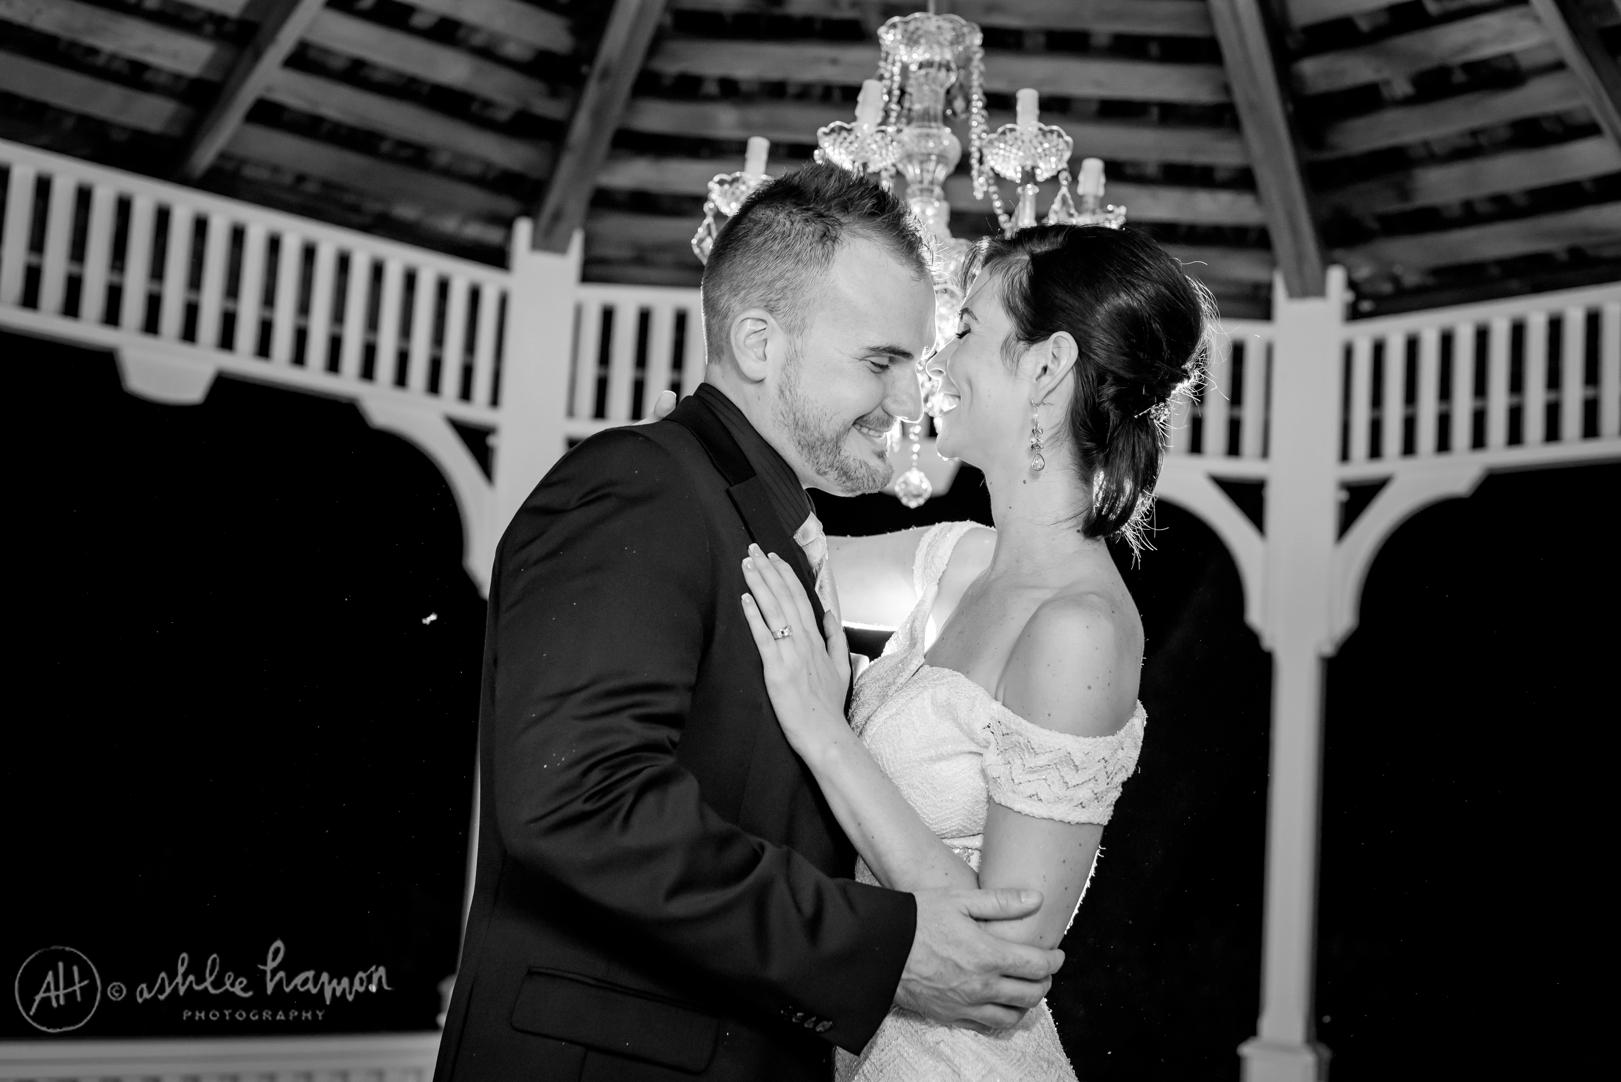 ashlee-hamon-photography-tampa-rustic-outdoor-traditional-wedding_0015.jpg